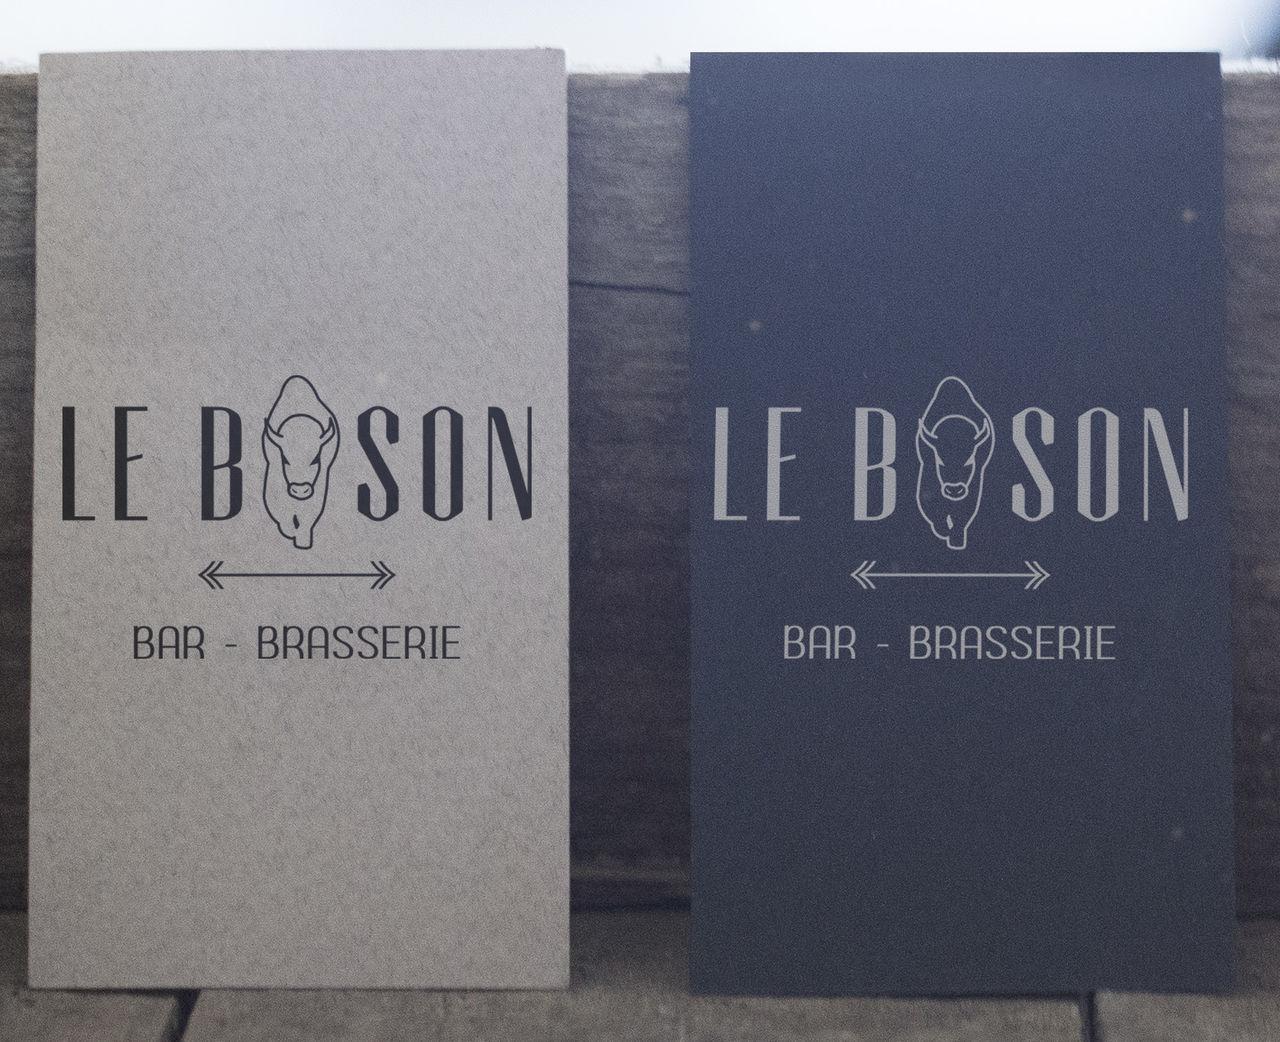 Le Bisson